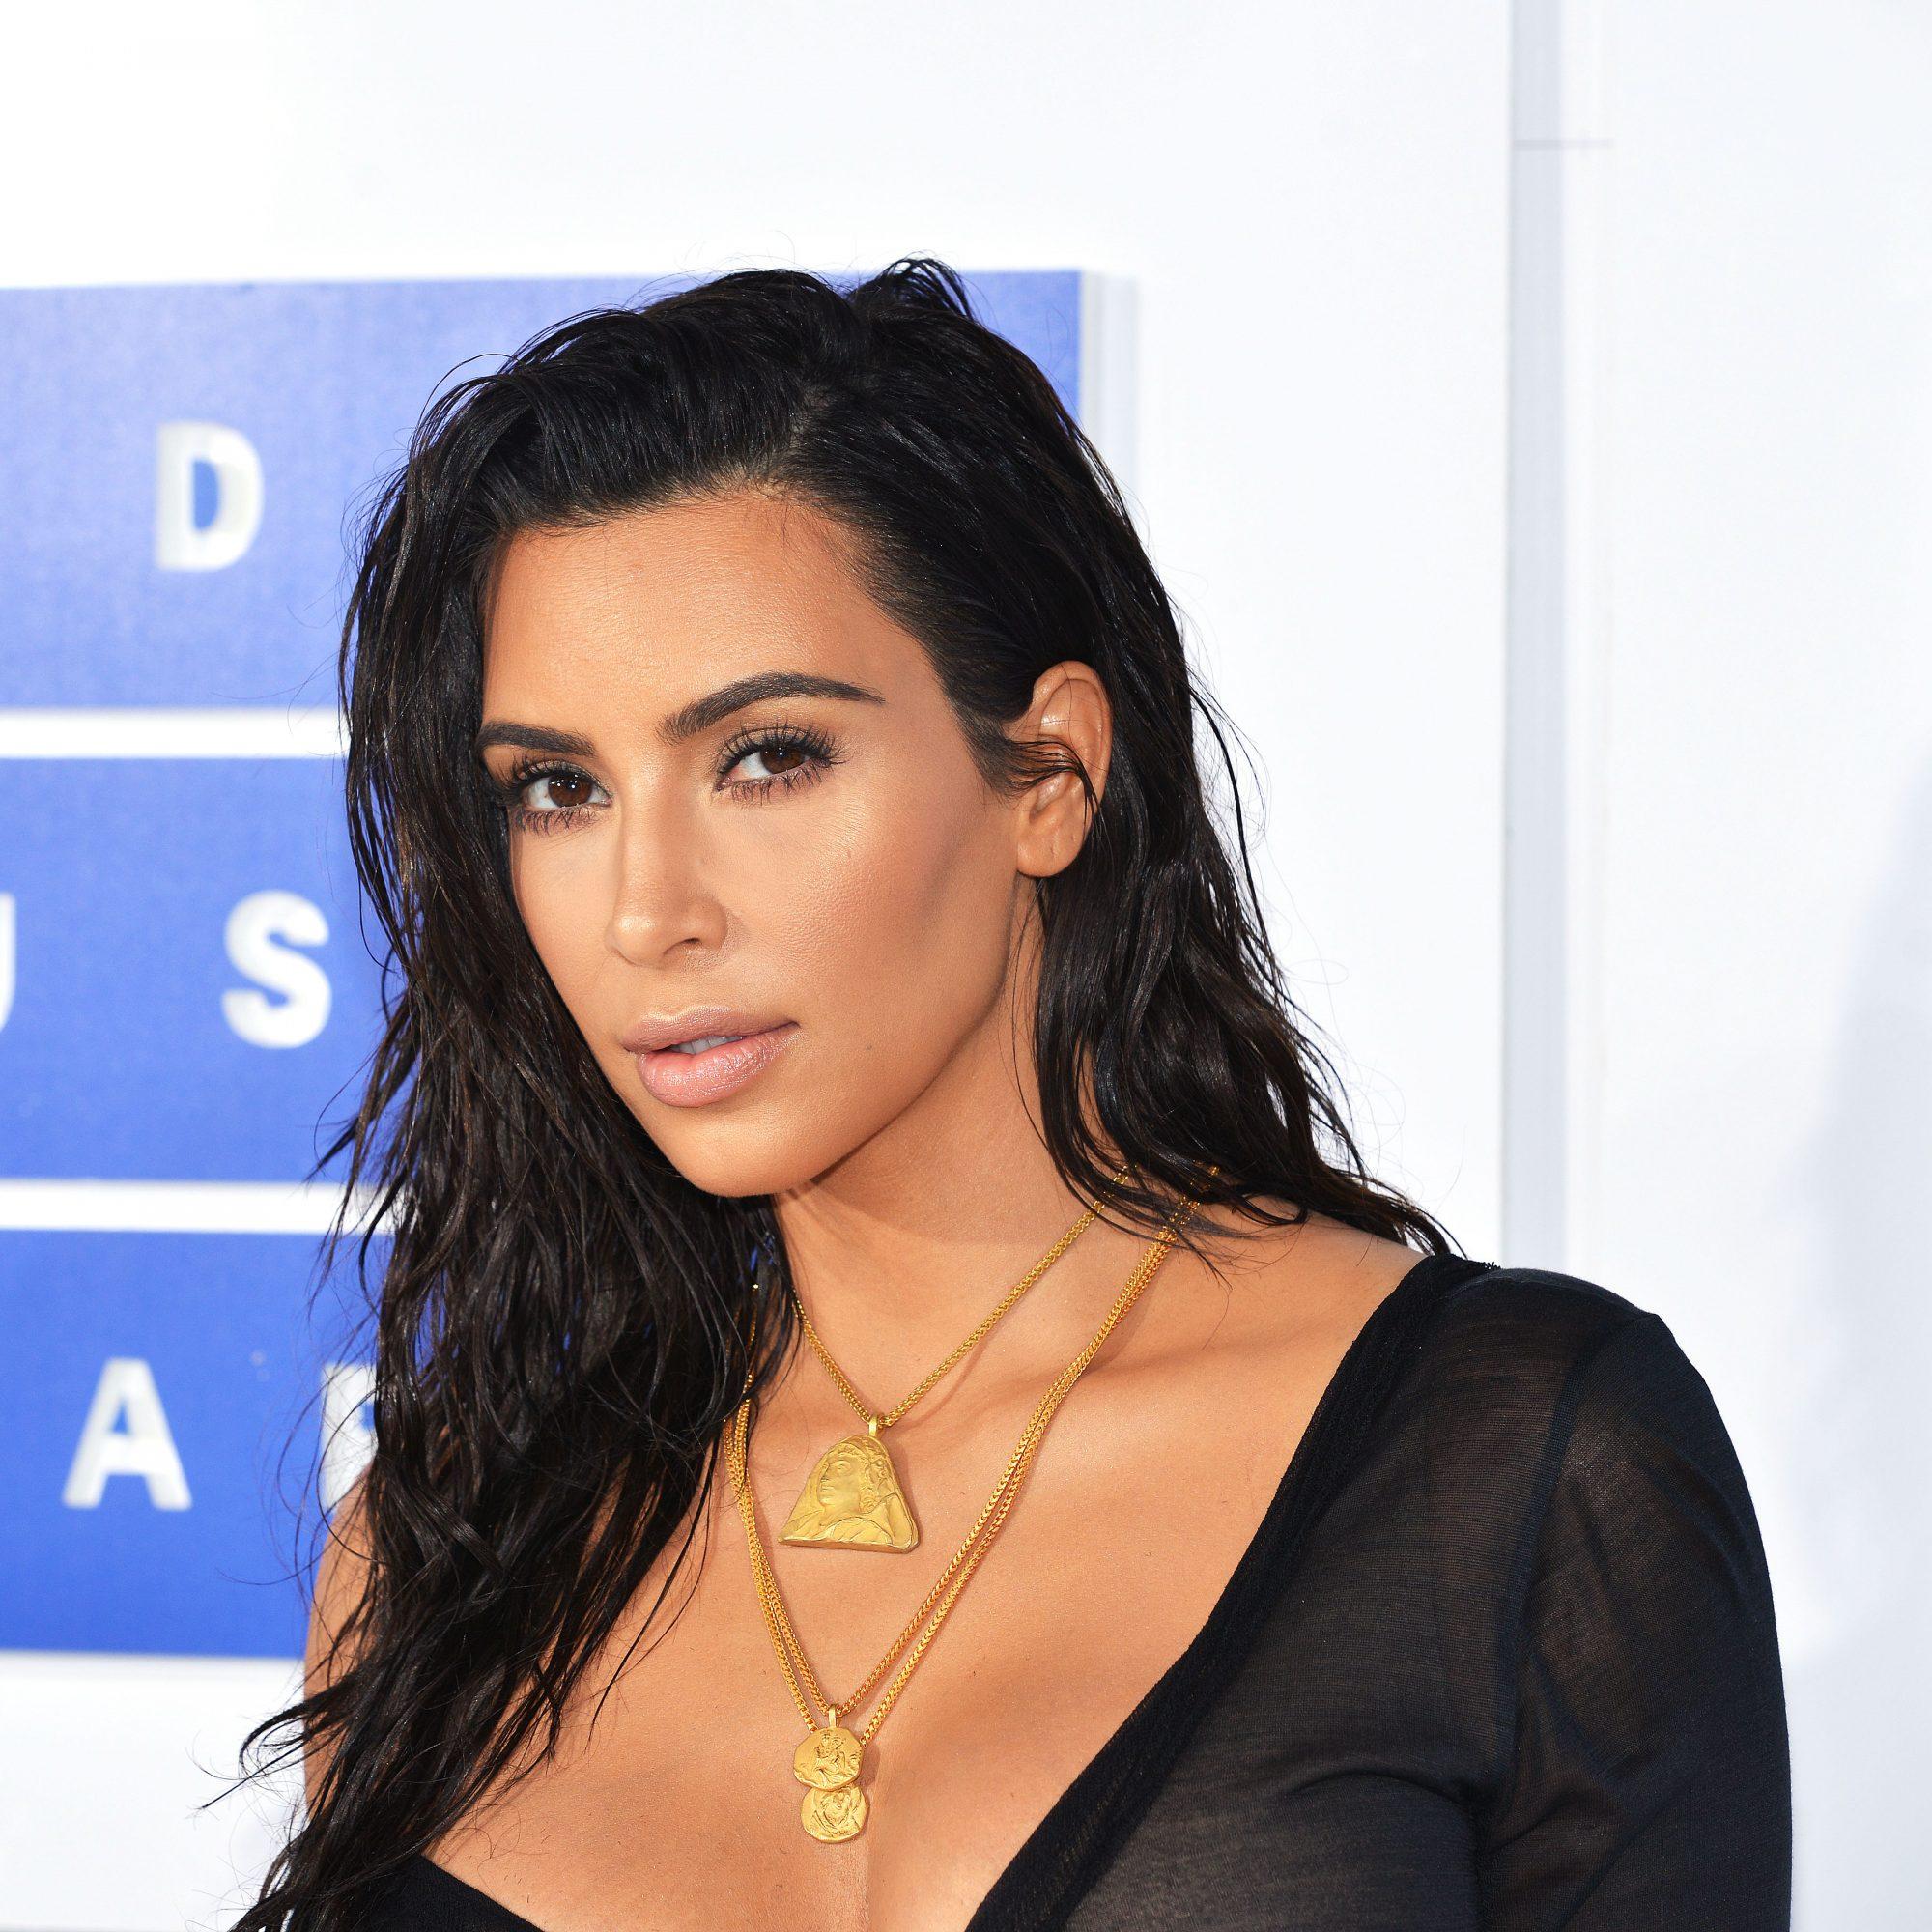 Anillos de compromiso de Kim Kardashian